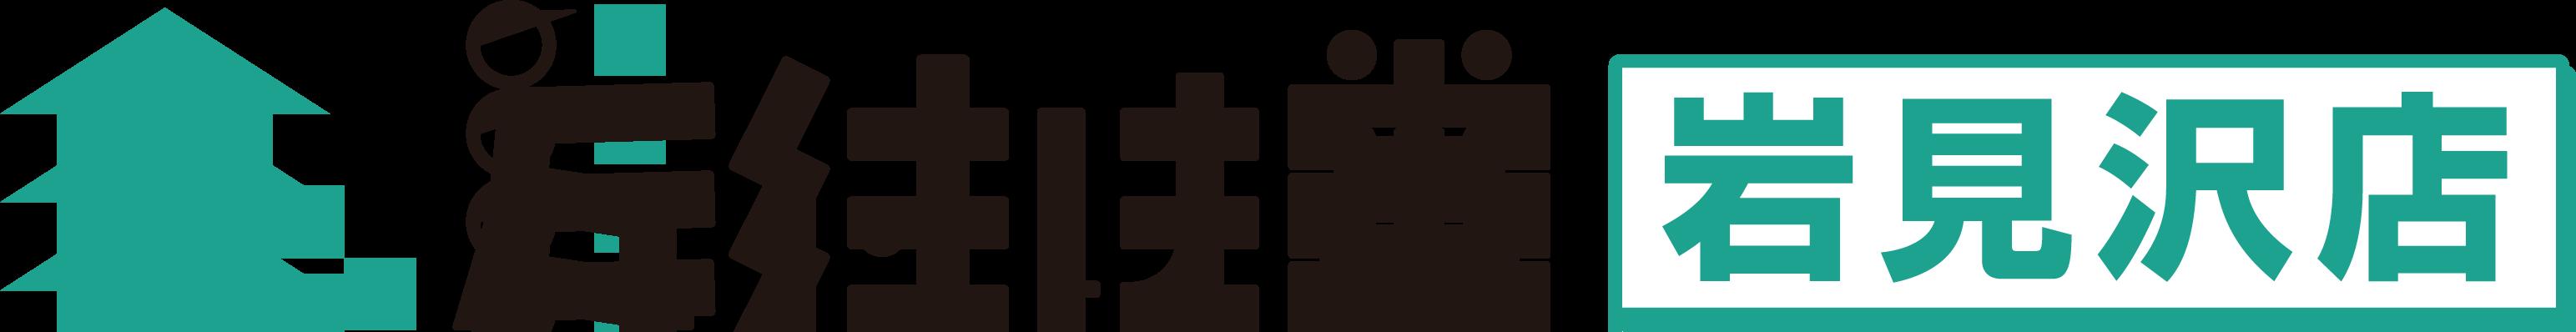 片付け堂岩見沢店ロゴ